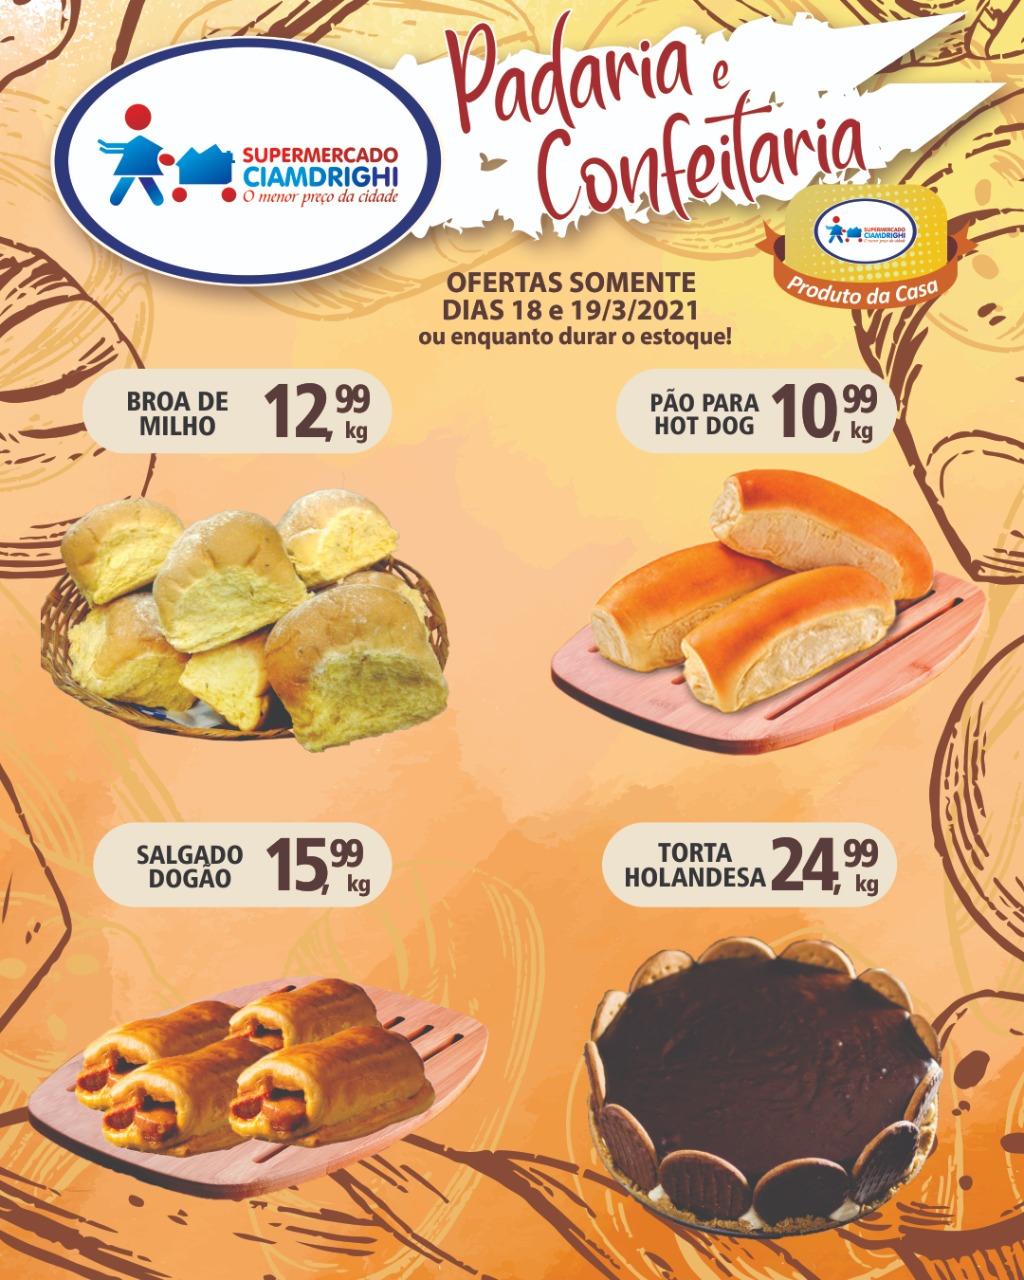 Ciamdrighi tem pães, salgado e torta holandesa com preços especiais para hoje e amanhã